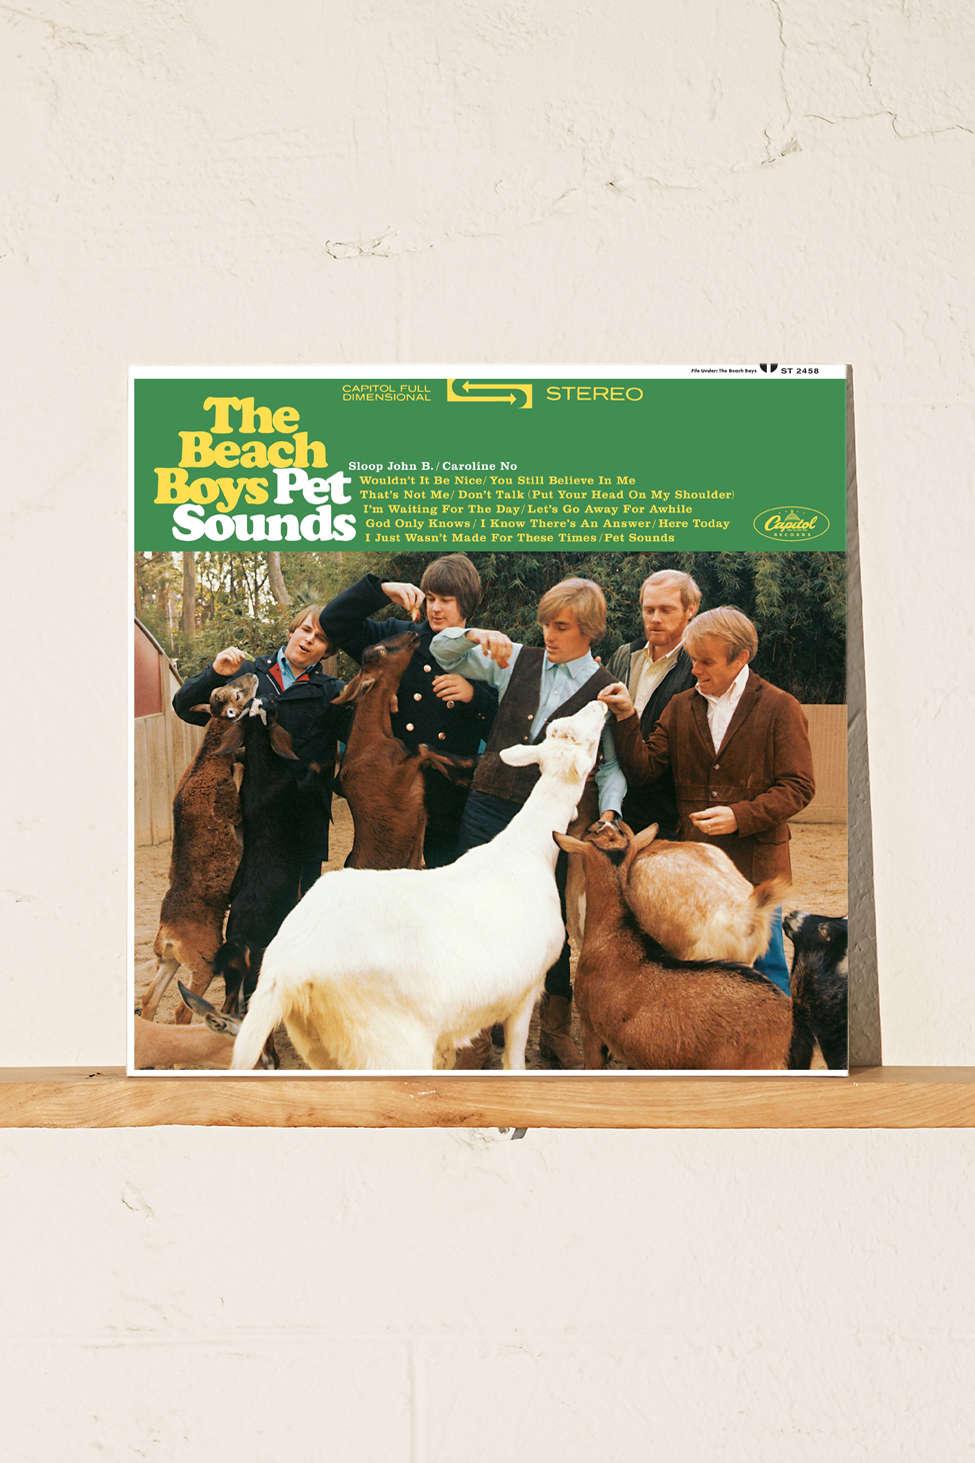 Slide View: 1: The Beach Boys - Pet Sounds LP